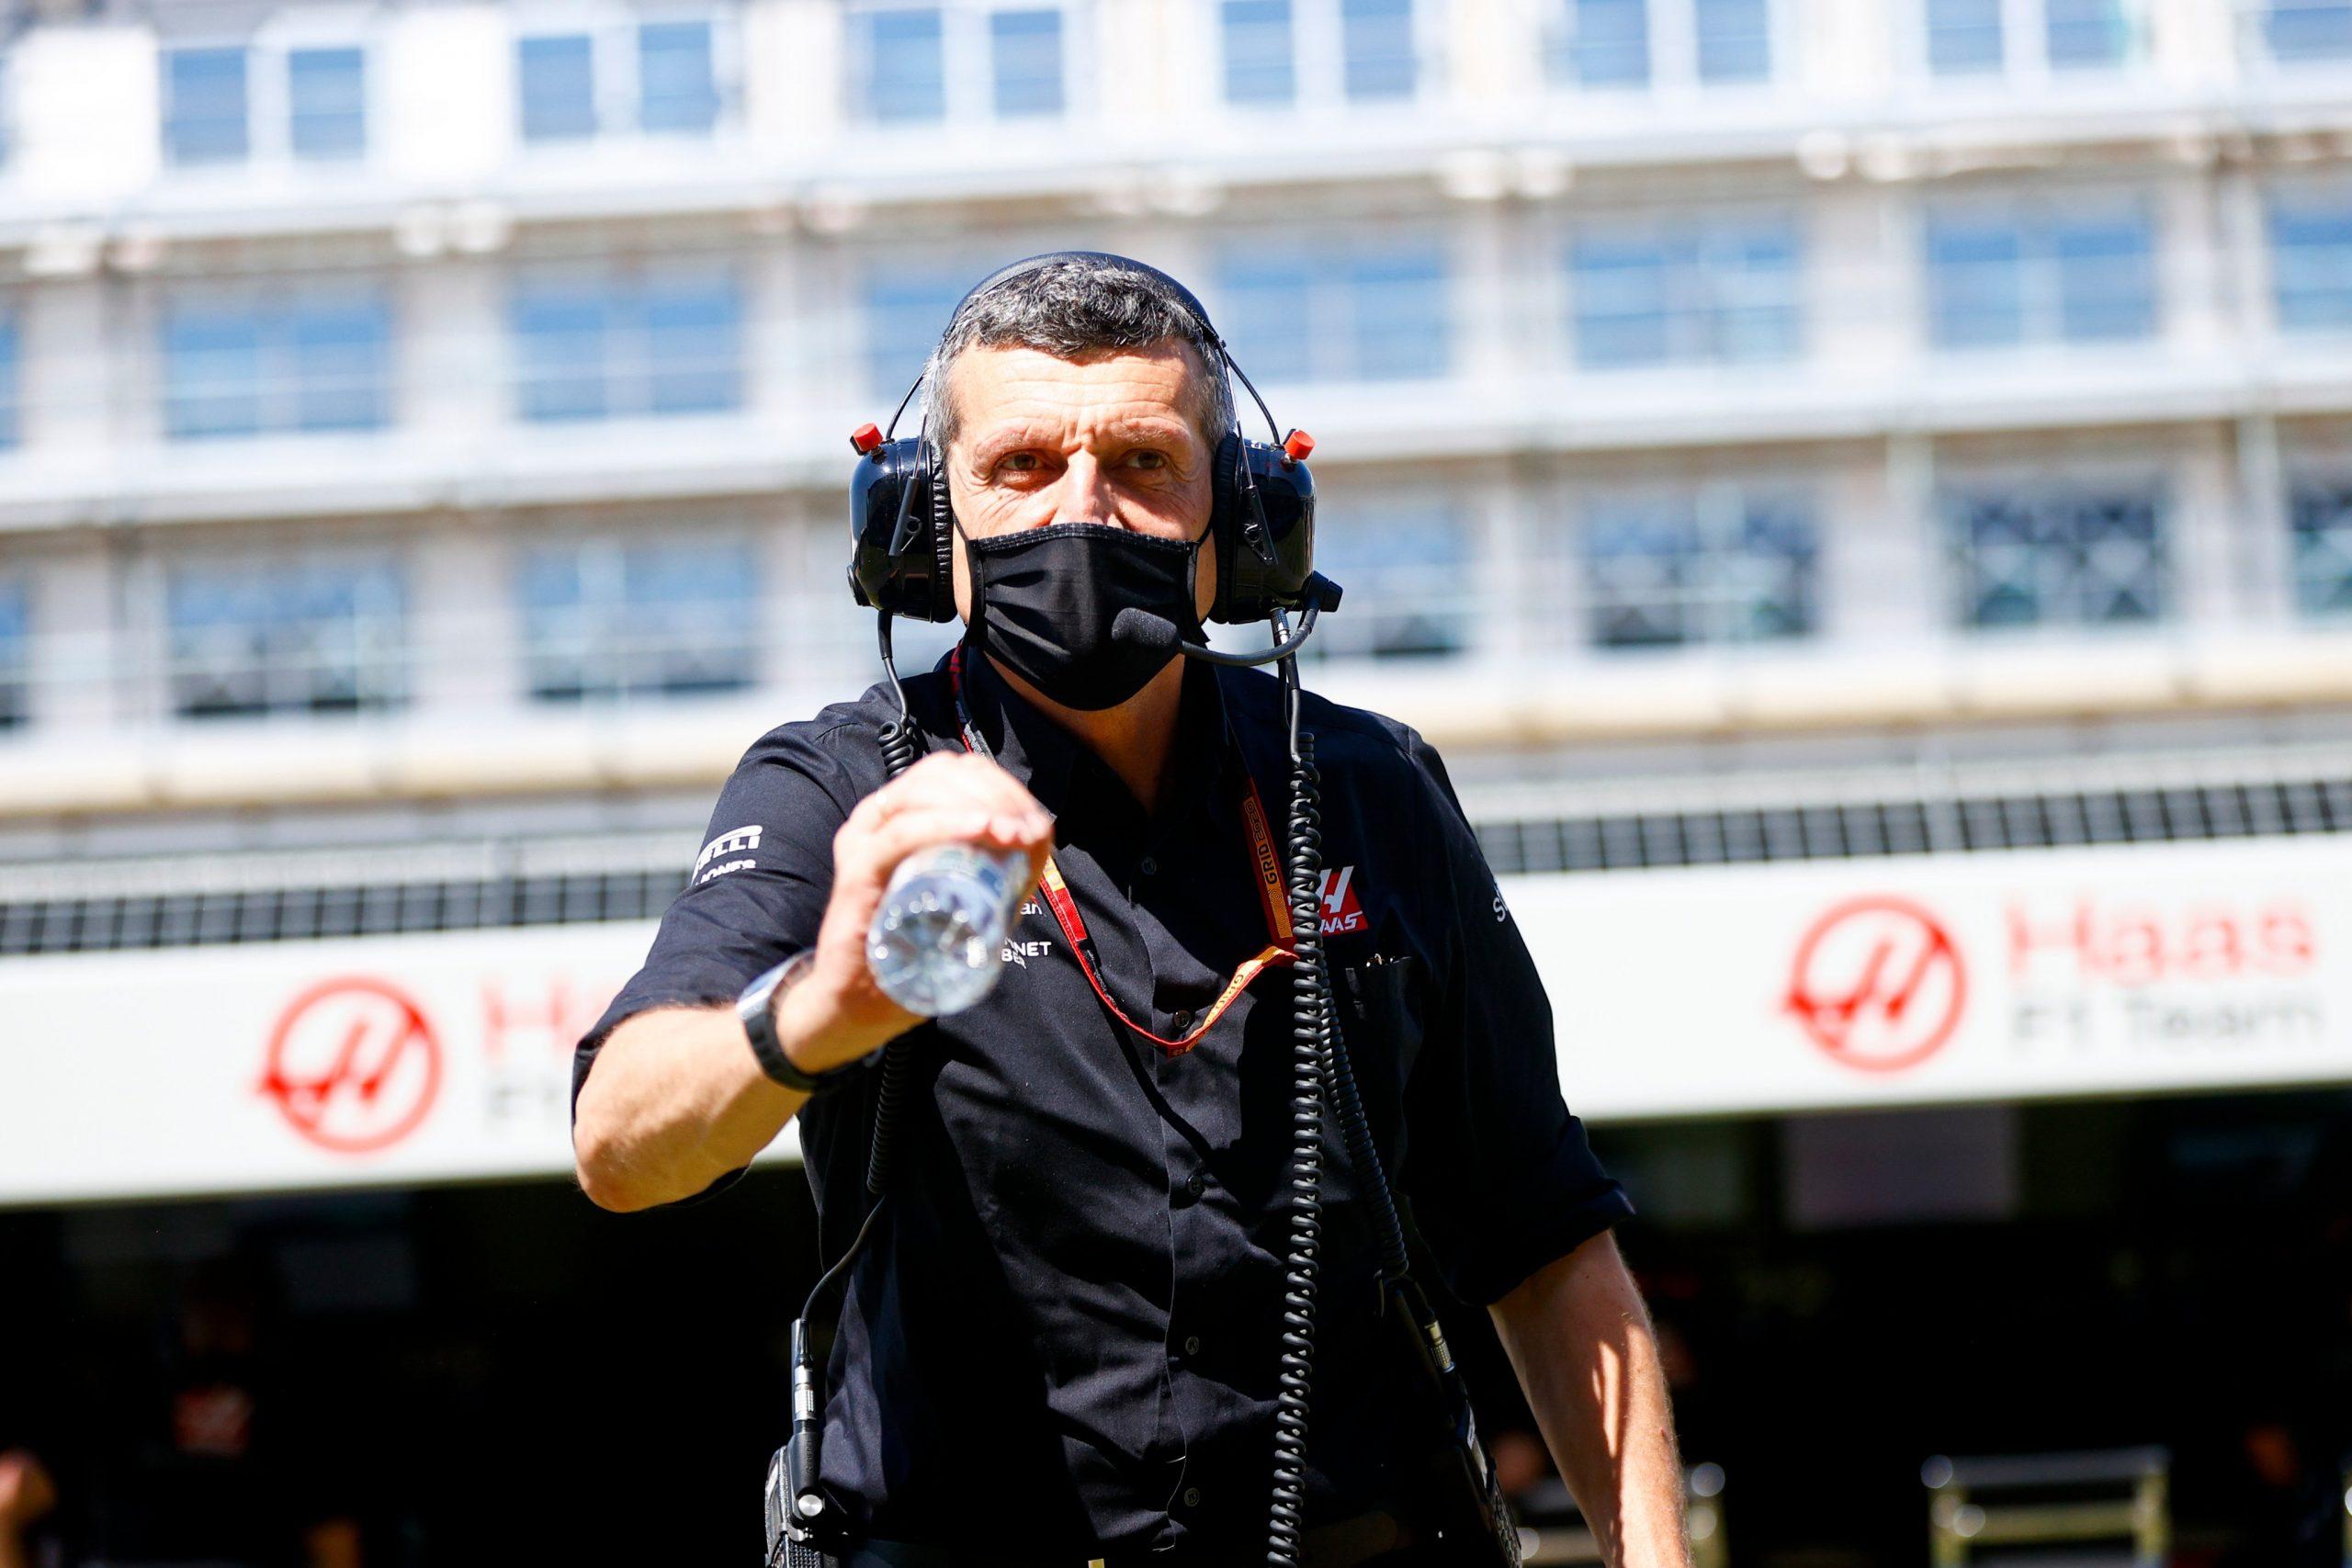 Steiner pousse son équipe Haas à oser des stratégies audacieuses en course 1